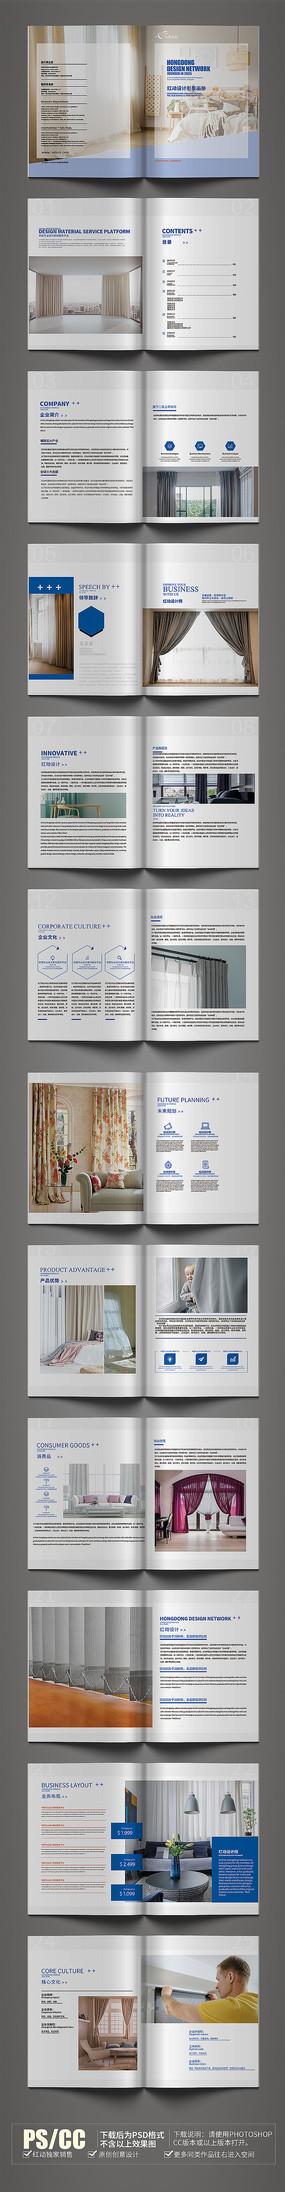 高端布艺窗帘装修介绍画册模板设计